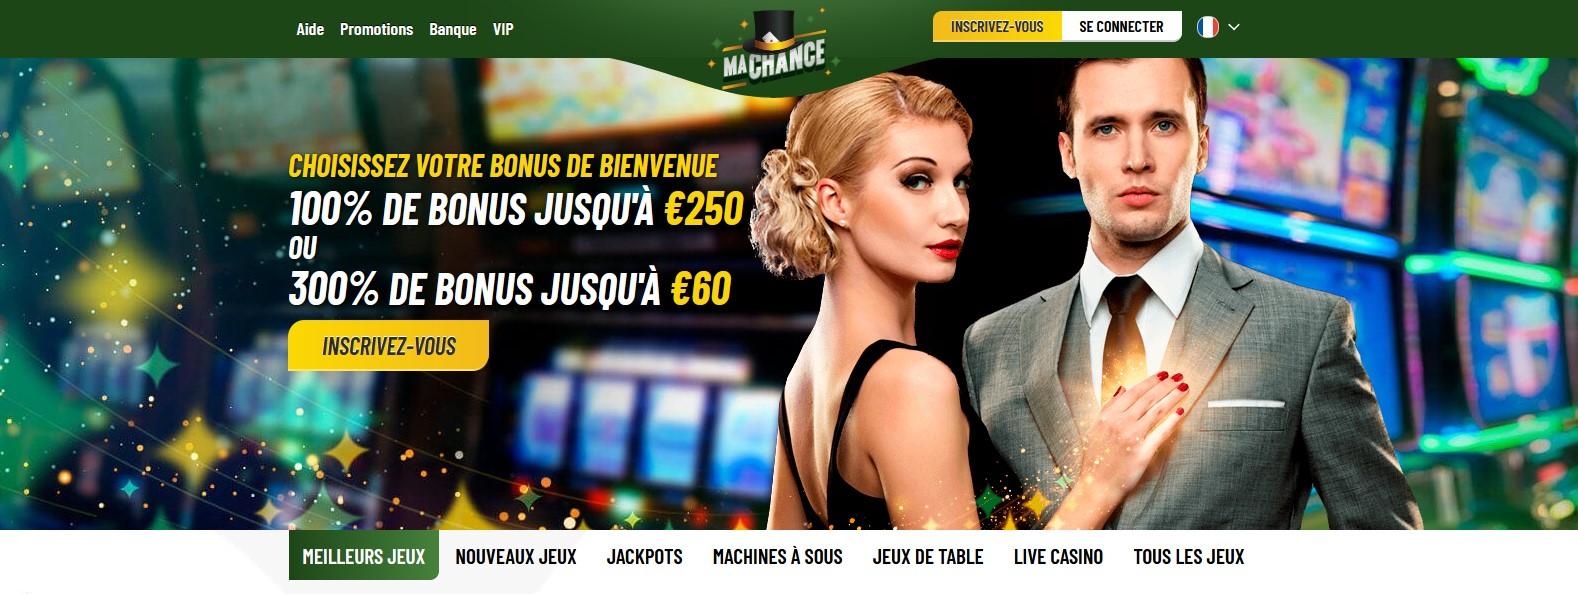 Bannière du casino MaChance